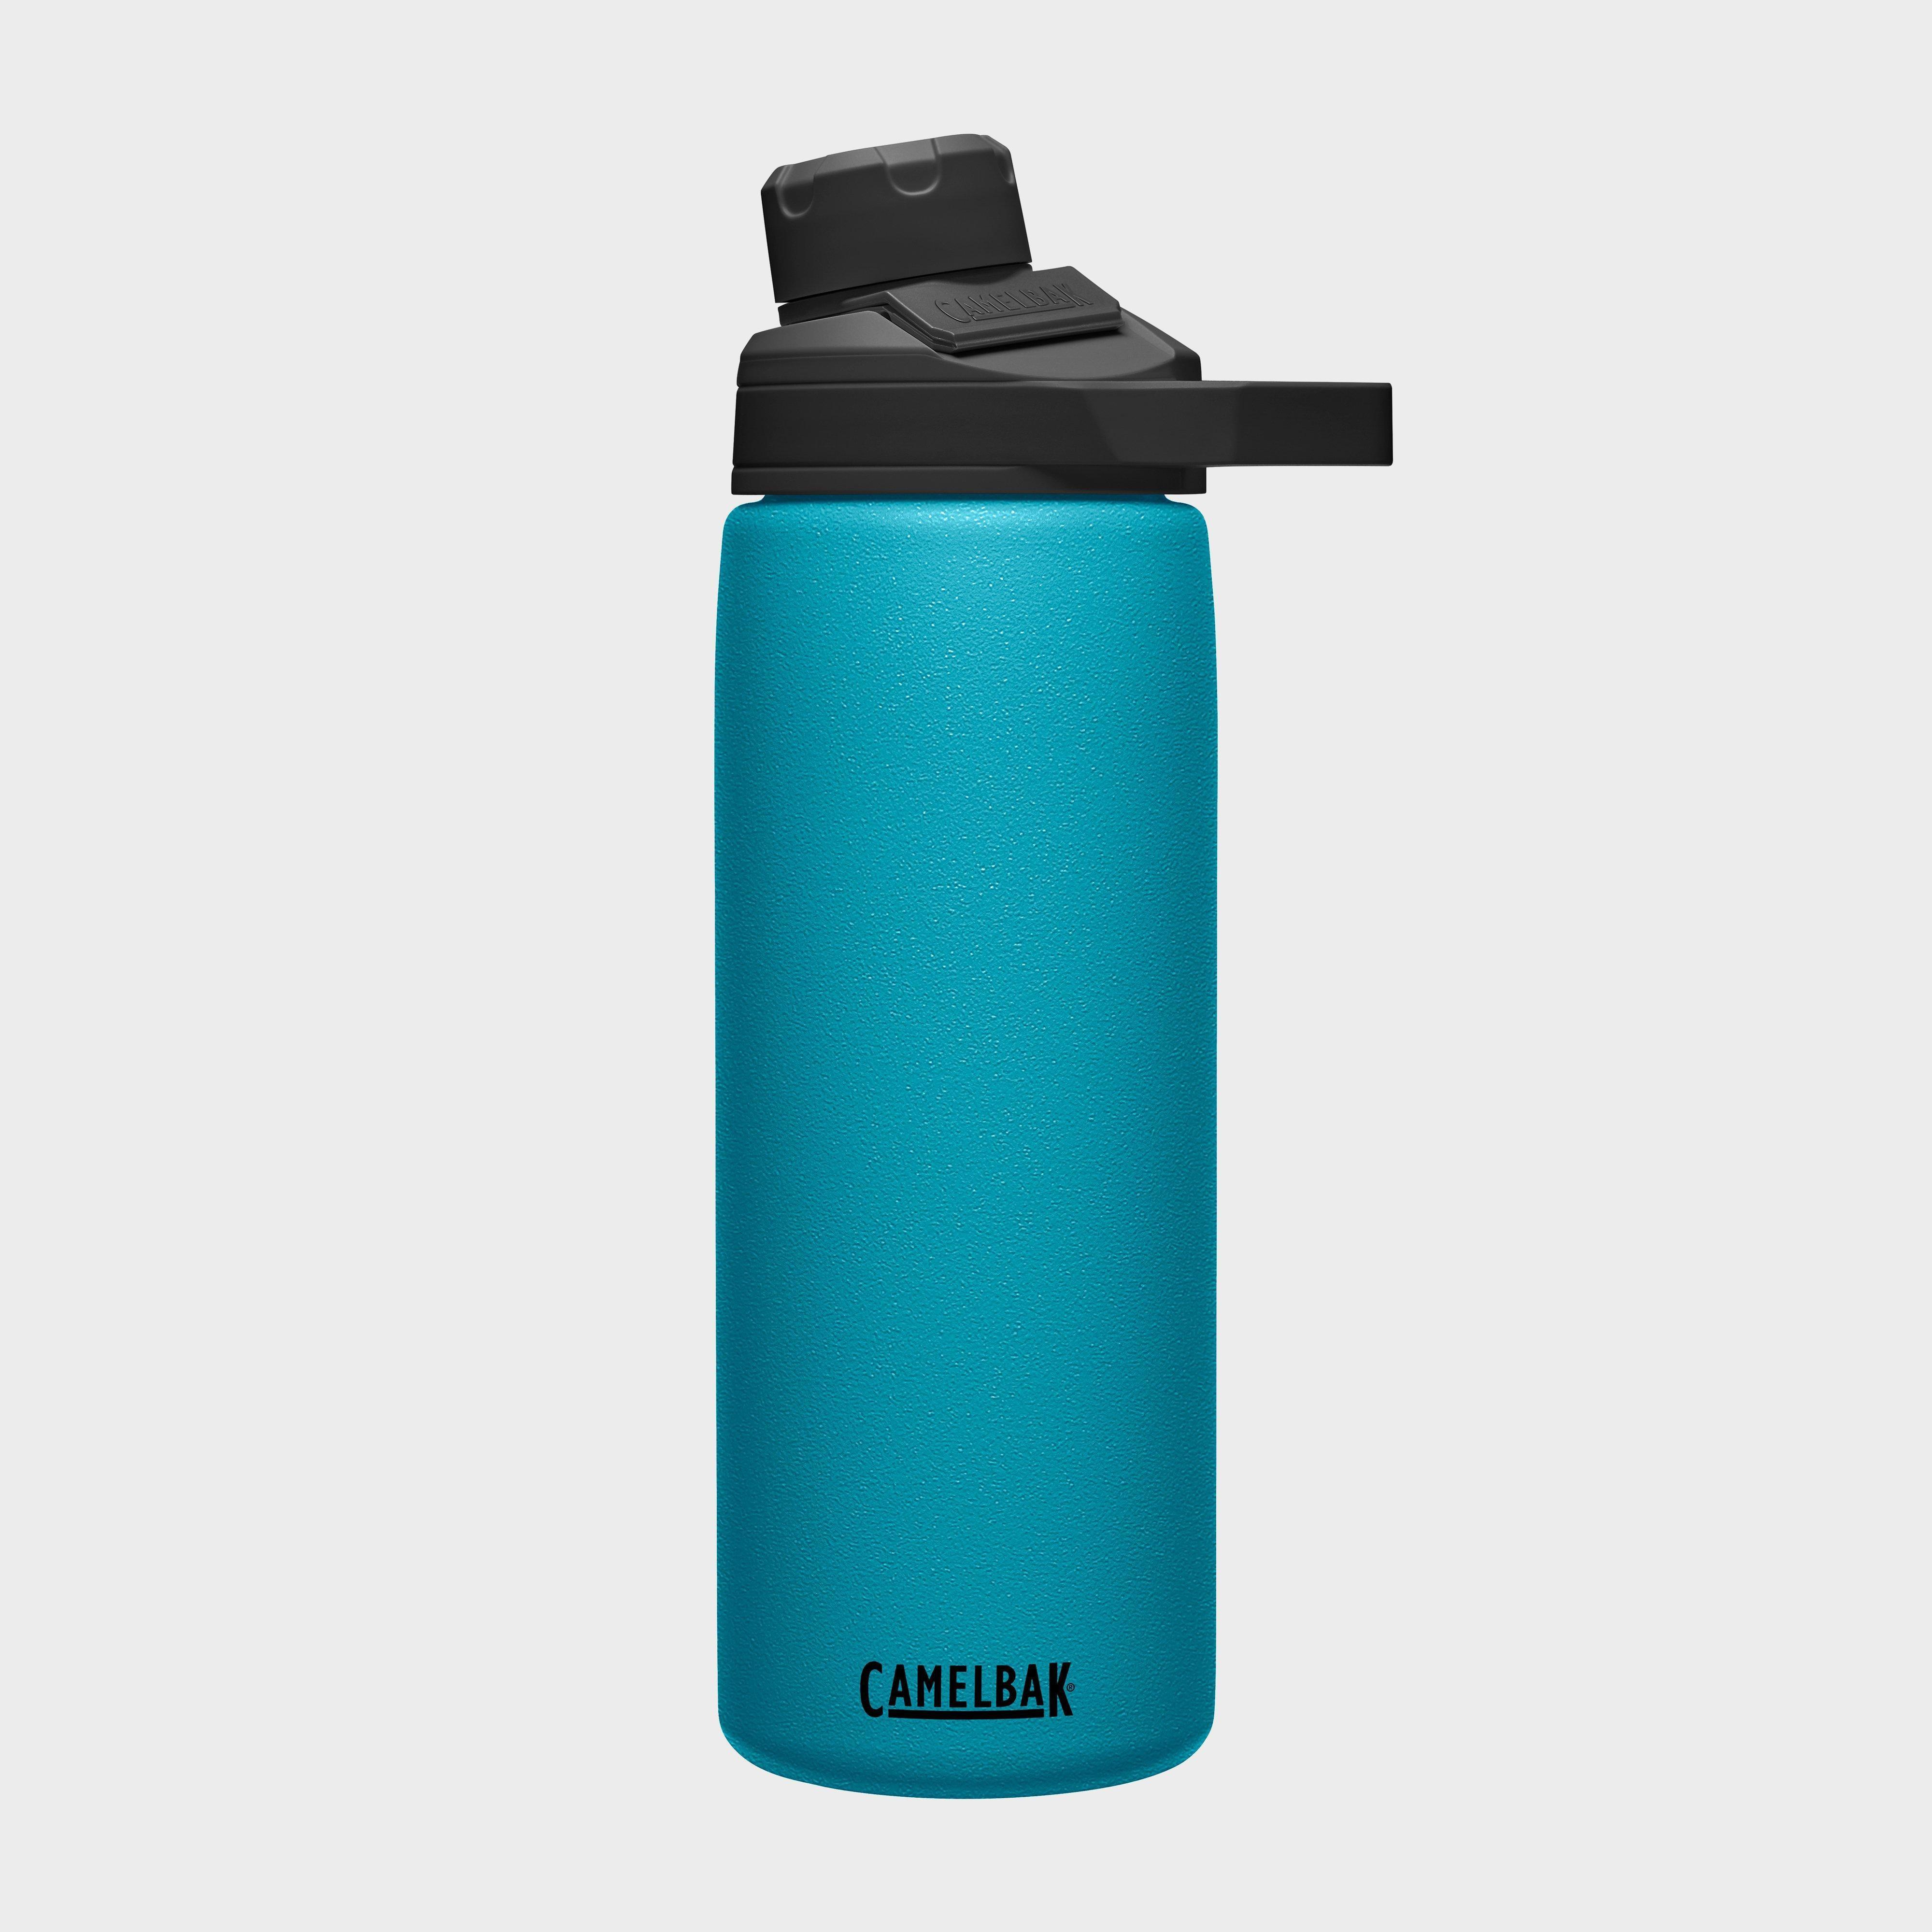 Camelbak Camelbak Chute Mag Vacuum Bottle 0.6 Litre, Blue